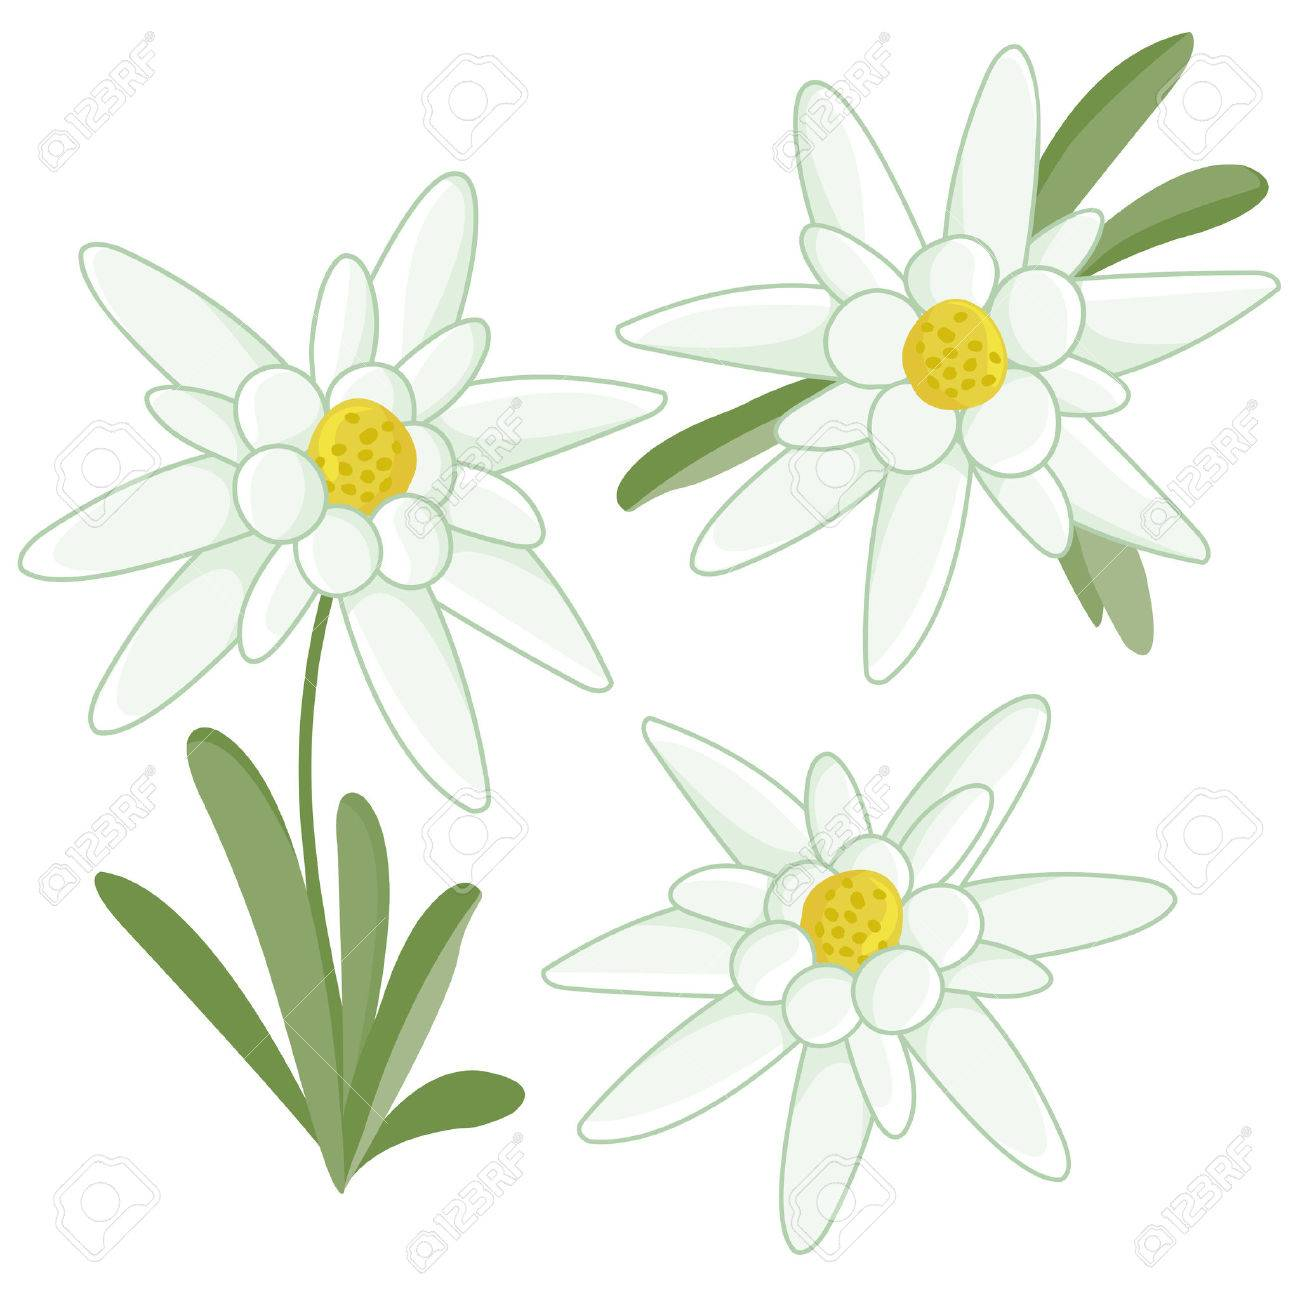 Edelweiss flowers - 44123379